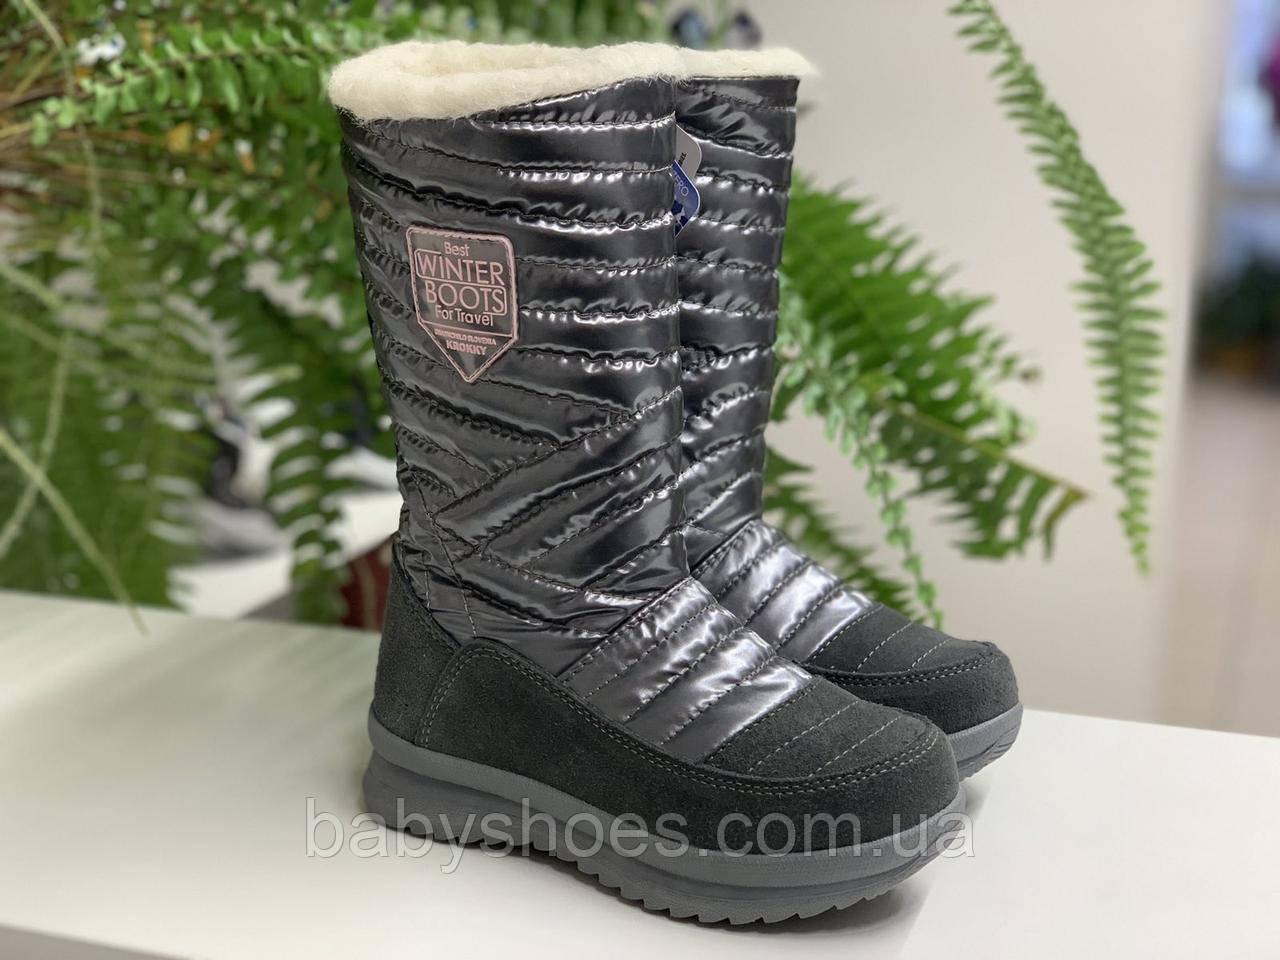 Детские зимние ботинки для девочки Krokky (Словения) чёрные мембрана р.31, 32, 37, мод.82109